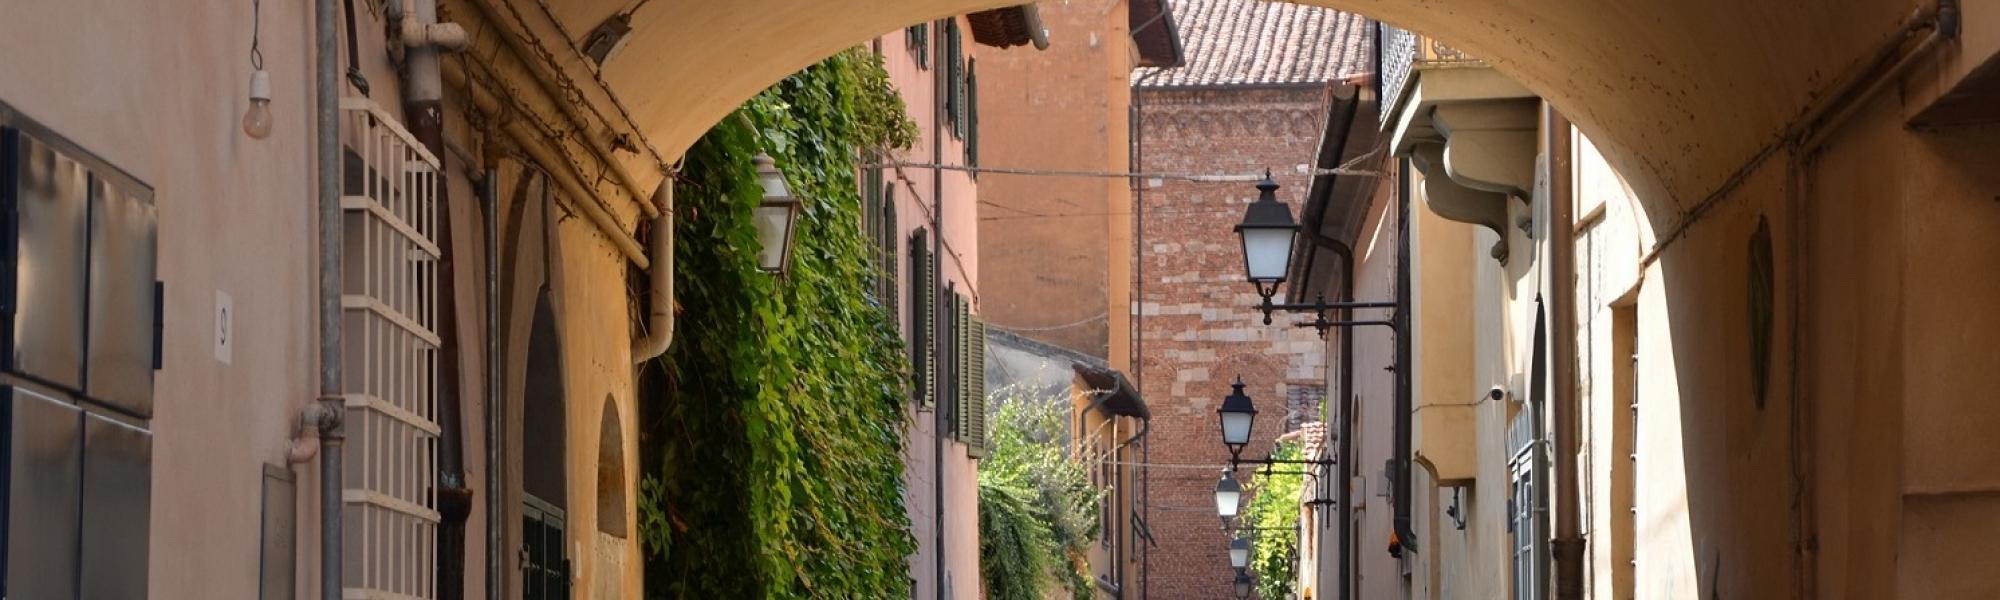 Via la Foglia (L. Corevi, Comune di Pisa)